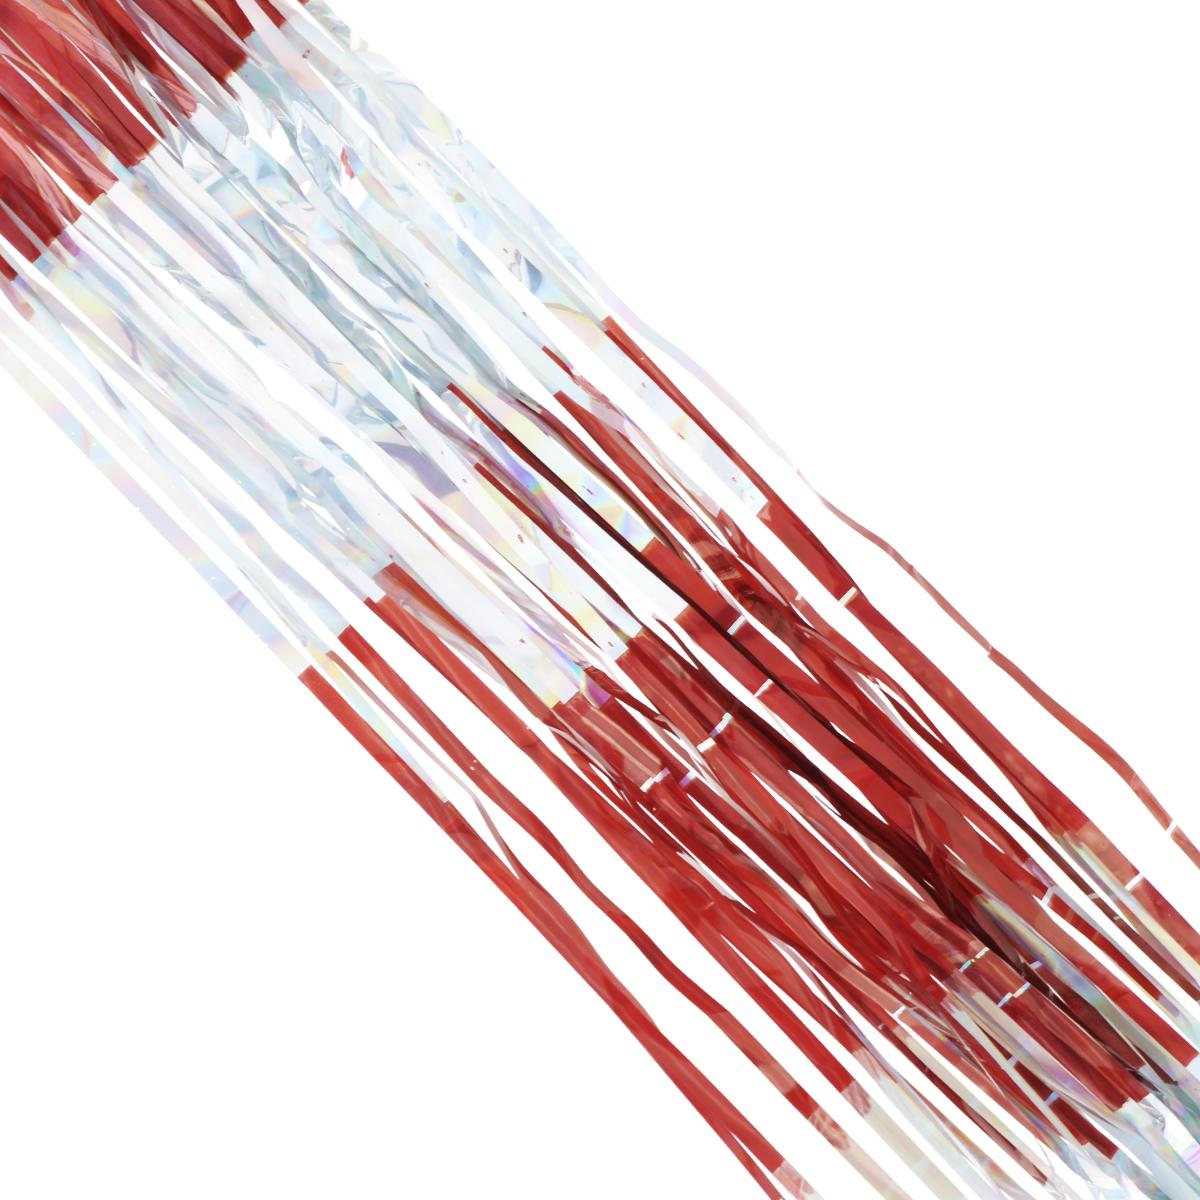 Дождик новогодний Sima-land, цвет: красный, серебристый, 14 см х 150 см. 702538NLED-444-7W-BKНовогодний дождик Sima-land, изготовленный из двухцветной фольги, поможет вам украсить свой дом к предстоящим праздникам. Новогодняя елка с таким украшением станет еще наряднее. Новогодним дождиком можно украсить все, что угодно - елку, квартиру, дачу, офис - как внутри, так и снаружи. Можно сложить новогодние поздравления, буквы и цифры, дождиком можно украсить и дополнить гирлянды, можно выделить дверные колонны, оплести дверные проемы. Коллекция декоративных украшений из серии Зимнее волшебство принесет в ваш дом ни с чем не сравнимое ощущение праздника! Создайте в своем доме атмосферу тепла, веселья и радости, украшая его всей семьей. Ширина: 14 см.